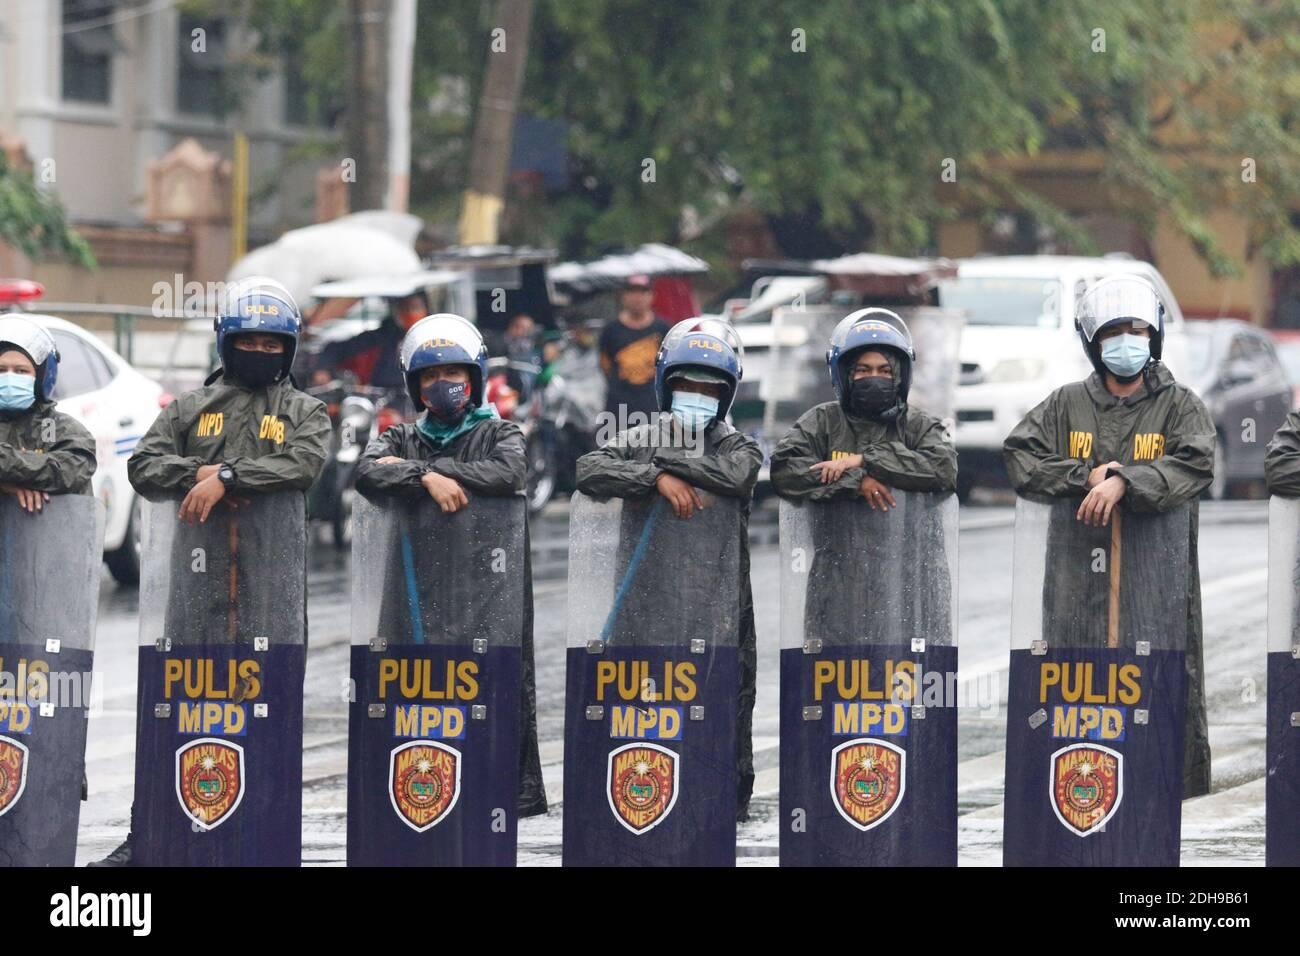 Manila, Filipinas. 10 de diciembre de 2020. Los agentes de policía mantienen sus escudos y palos mientras forman una línea para impedir que los manifestantes entren en los locales cercanos a la oficina del presidente en Mendiola. Crédito: Mayoría Mundial CIC/Alamy Live News Foto de stock